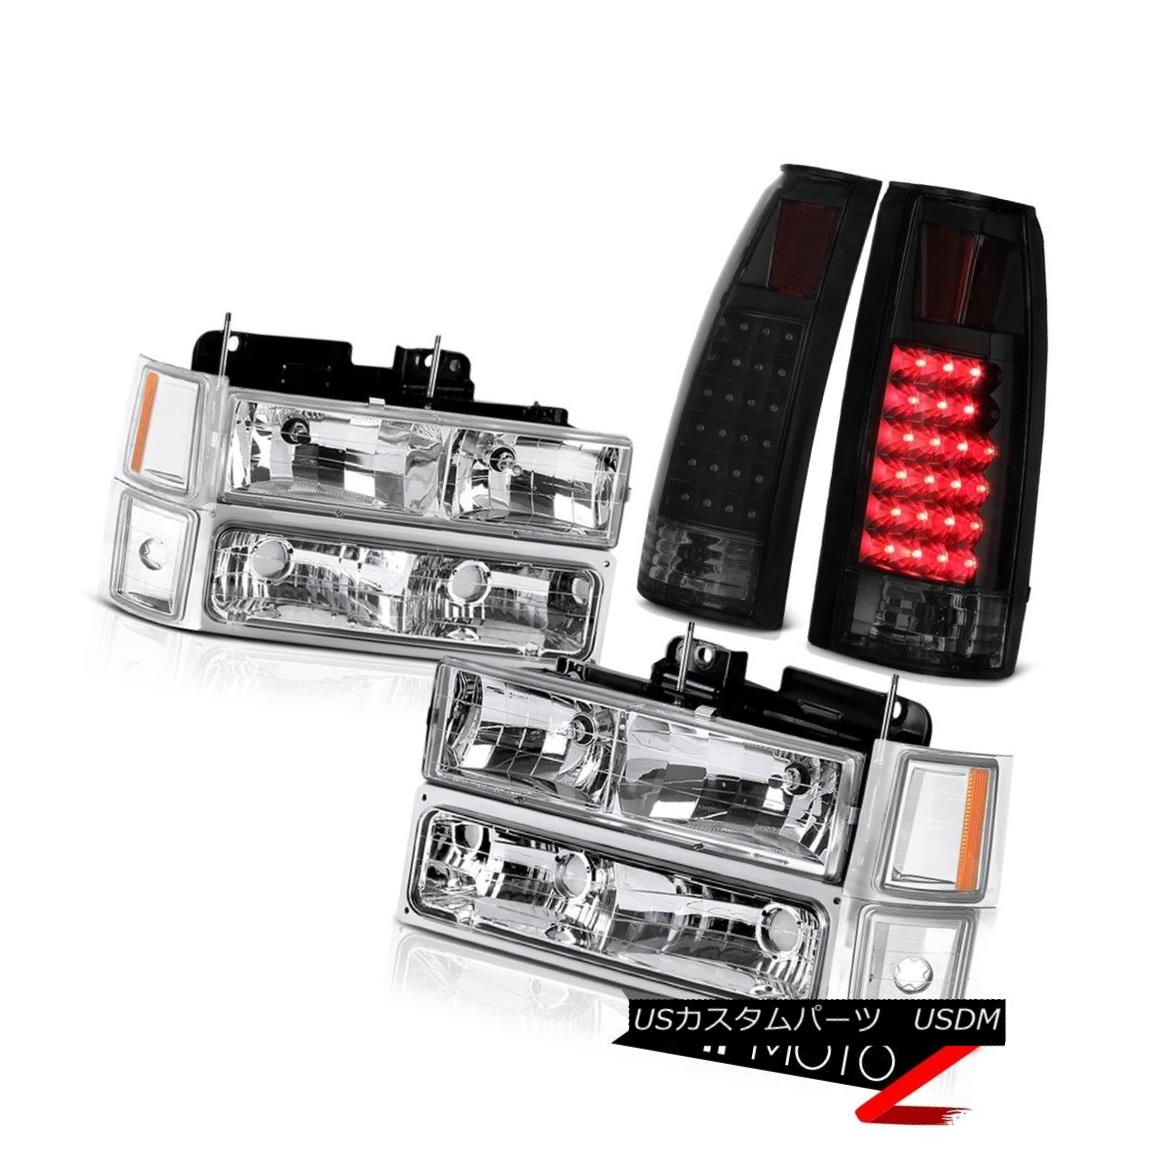 テールライト 94-98 Chevy K2500 Tail Lamps Crystal Clear Parking Turn Signal Lights Headlights 94-98シボレーK2500テールランプクリスタルクリアパーキングターンシグナルライトヘッドライト